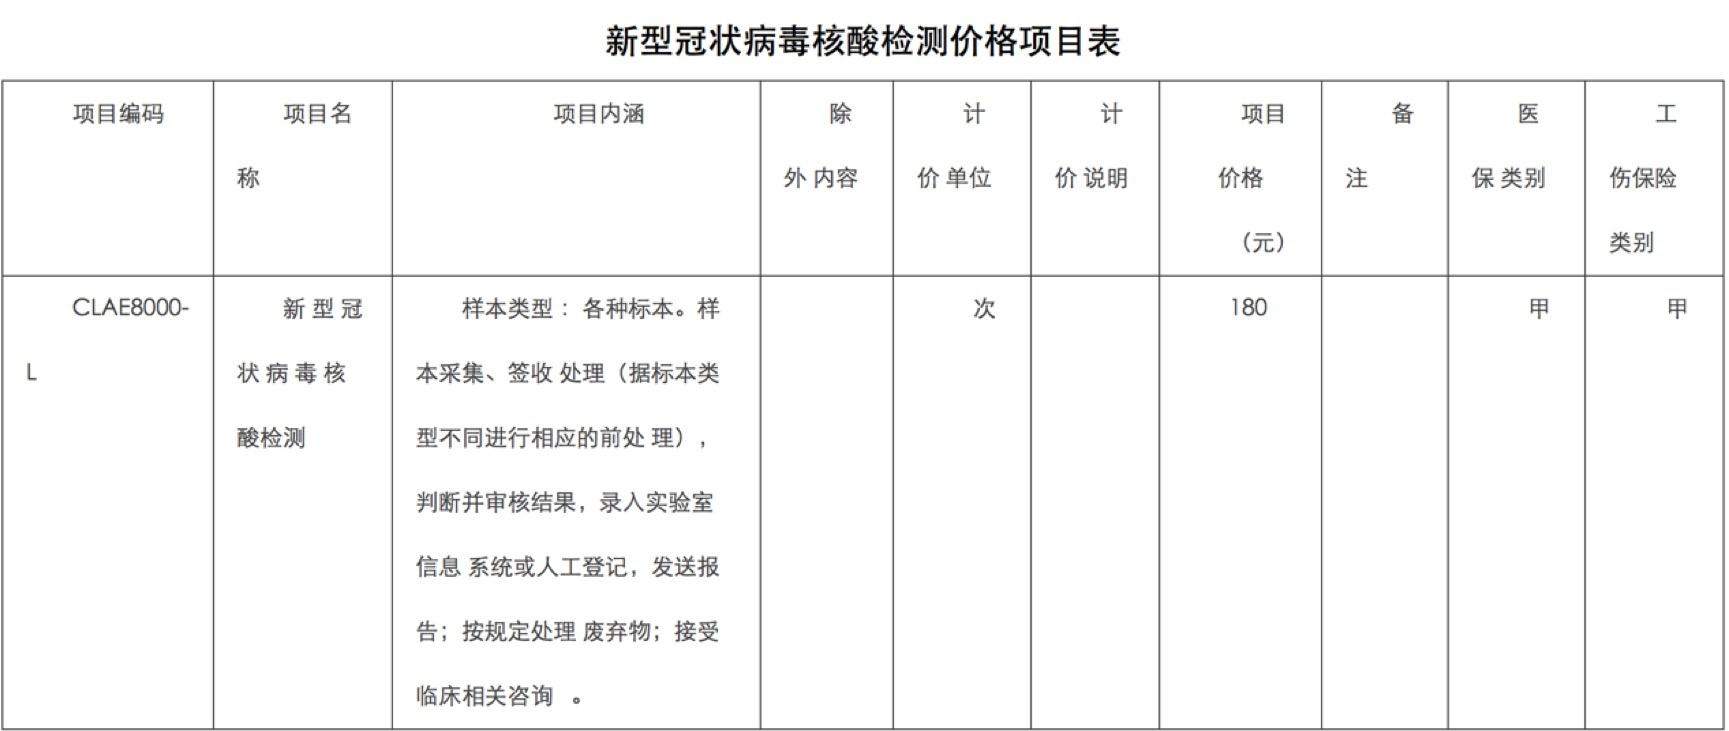 截图来自北京市医保局官网